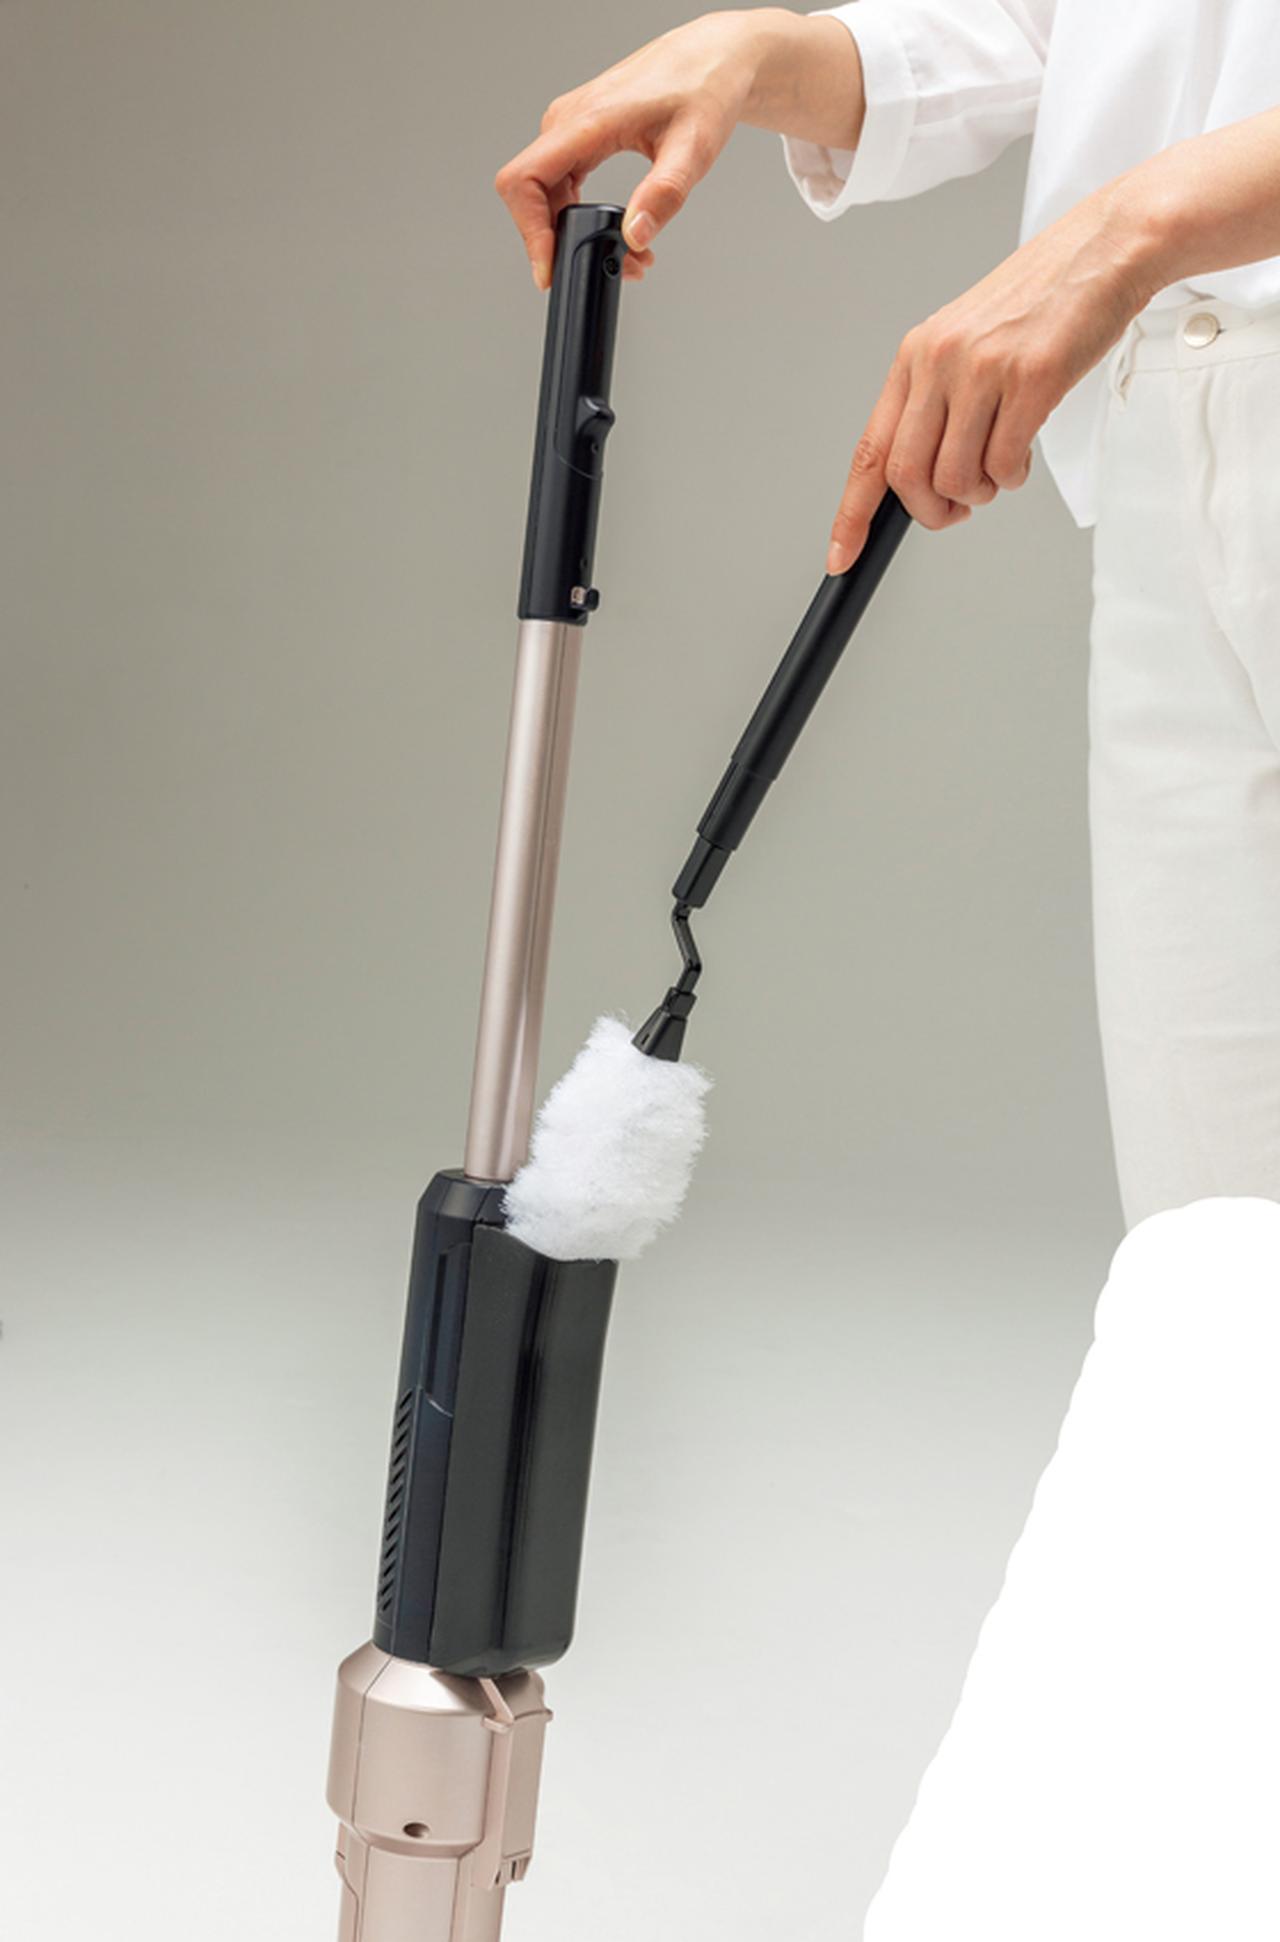 画像3: 独自構造がおもしろい オリジナル掃除機4選! 8月の「新製品」セレクション【3】